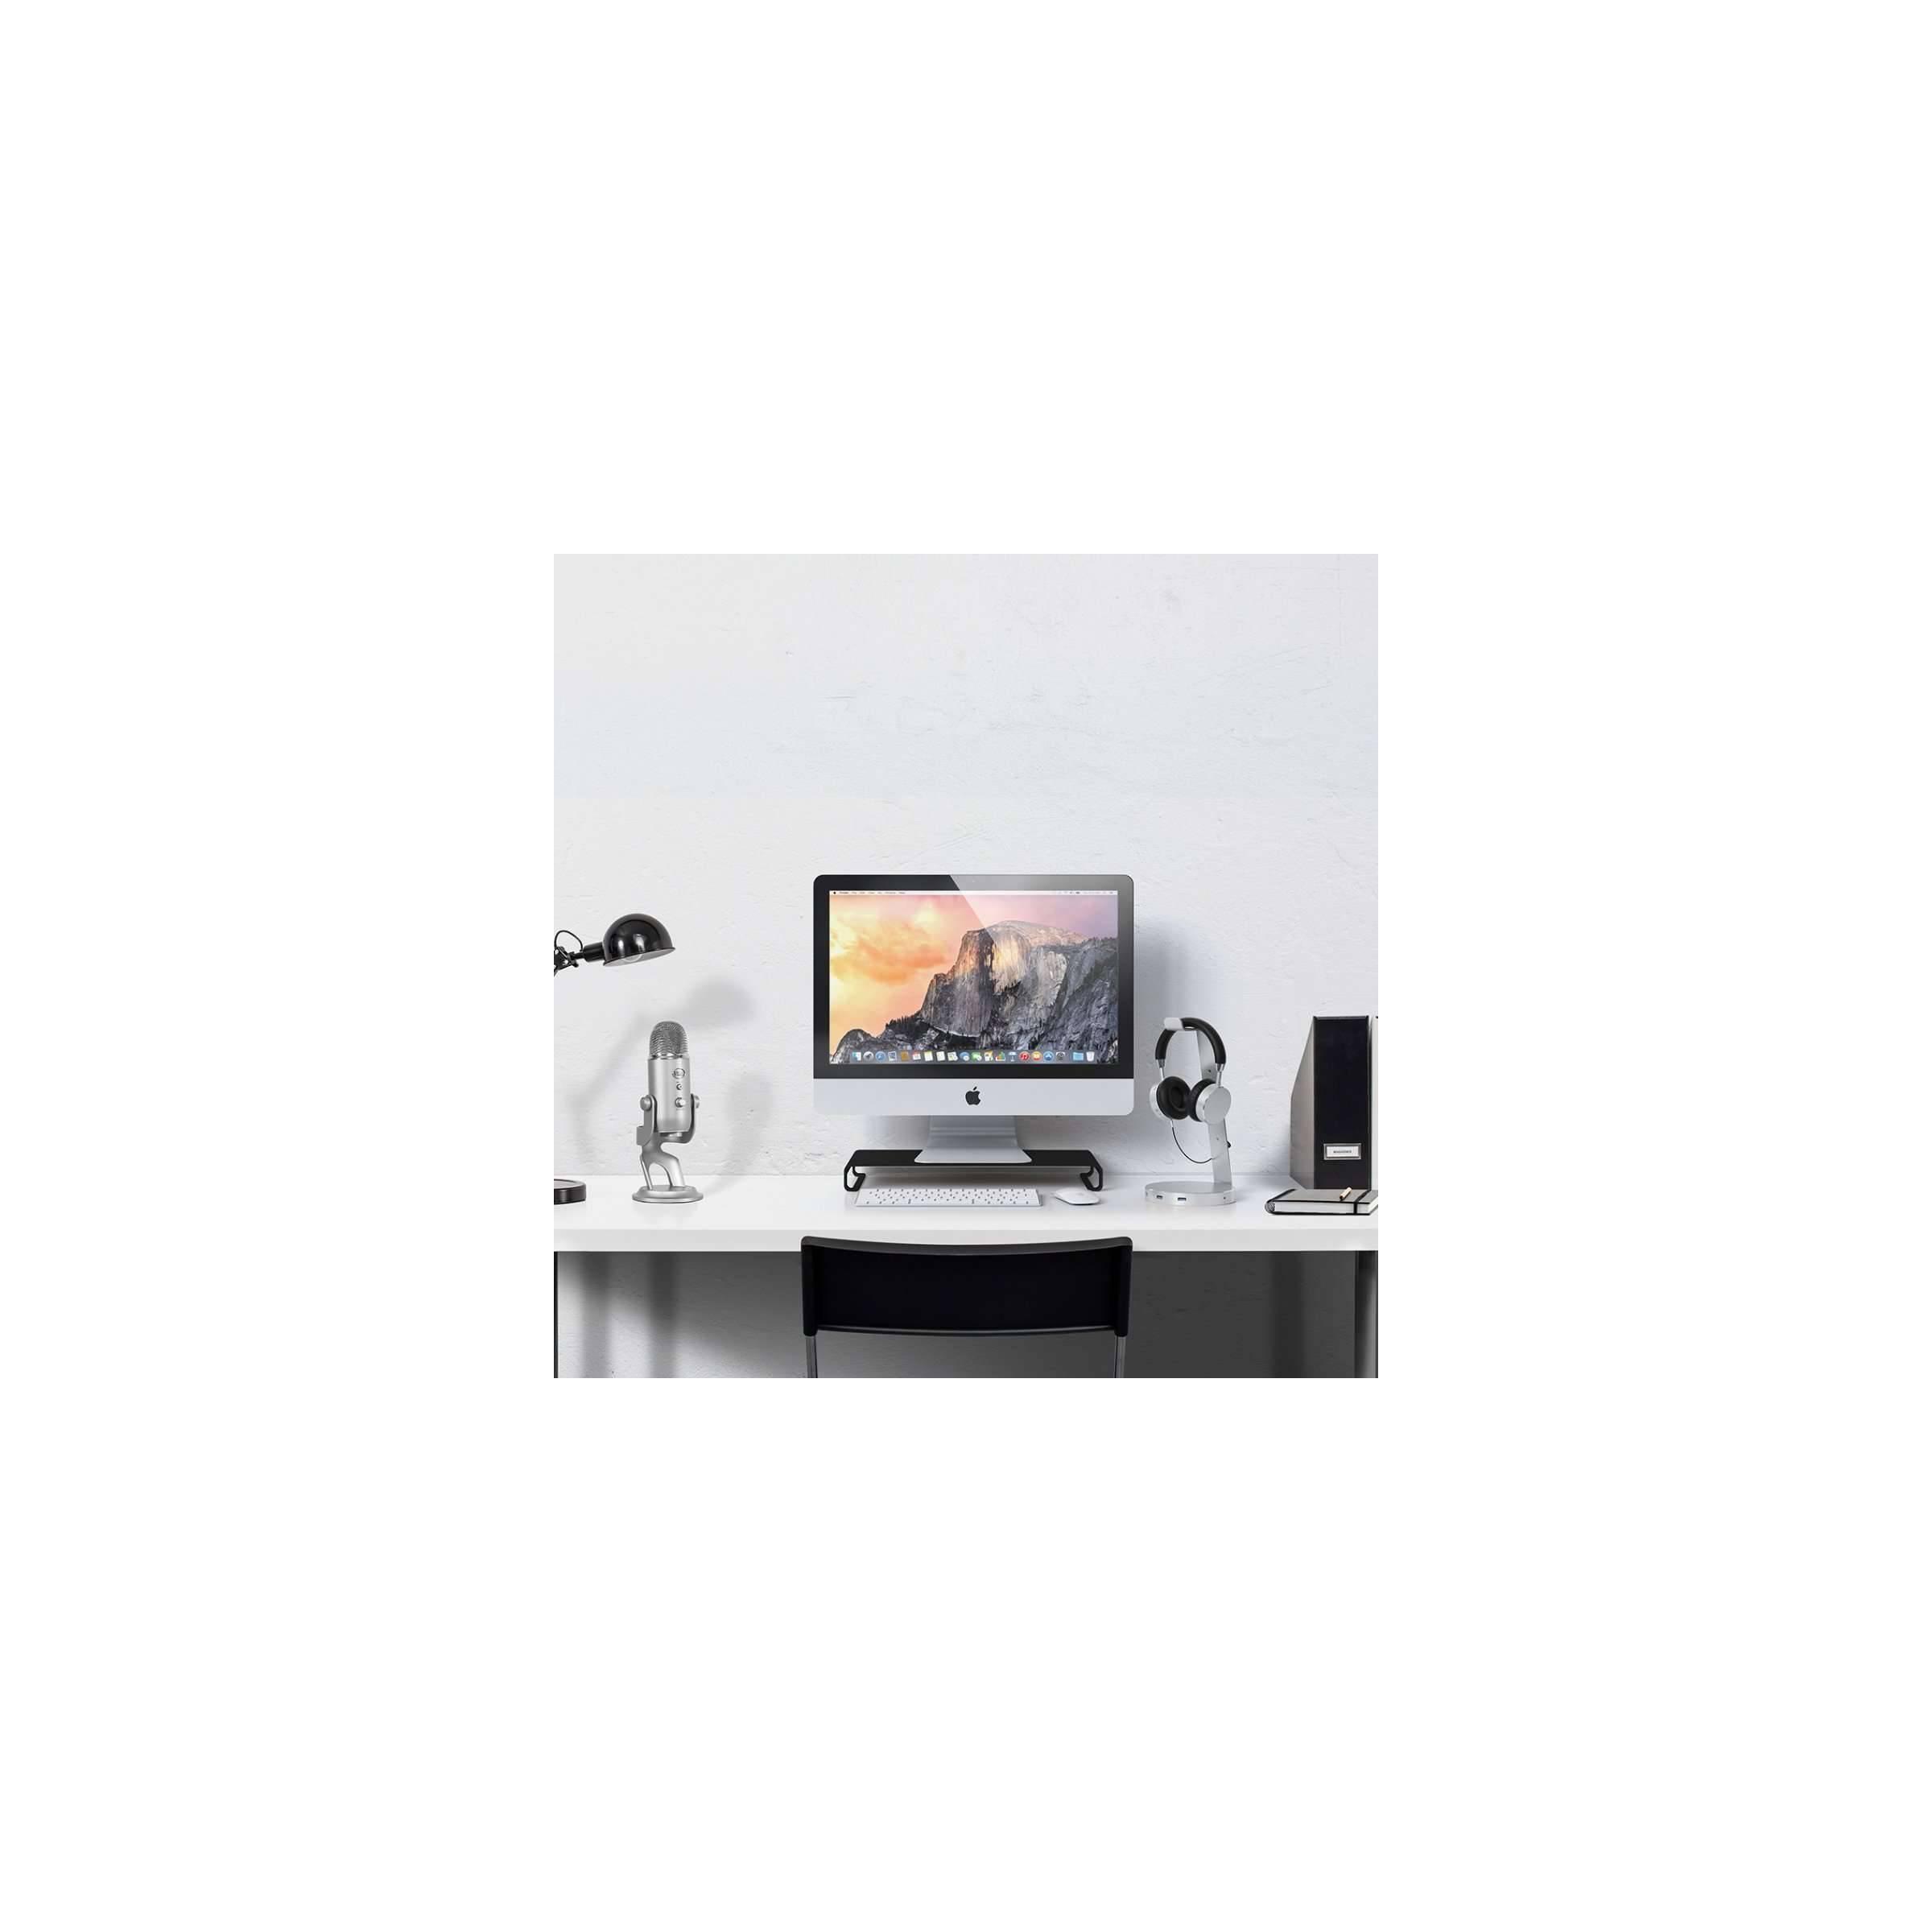 Satechi aluminum slim skærm/imac stander farve sort fra satechi på mackabler.dk